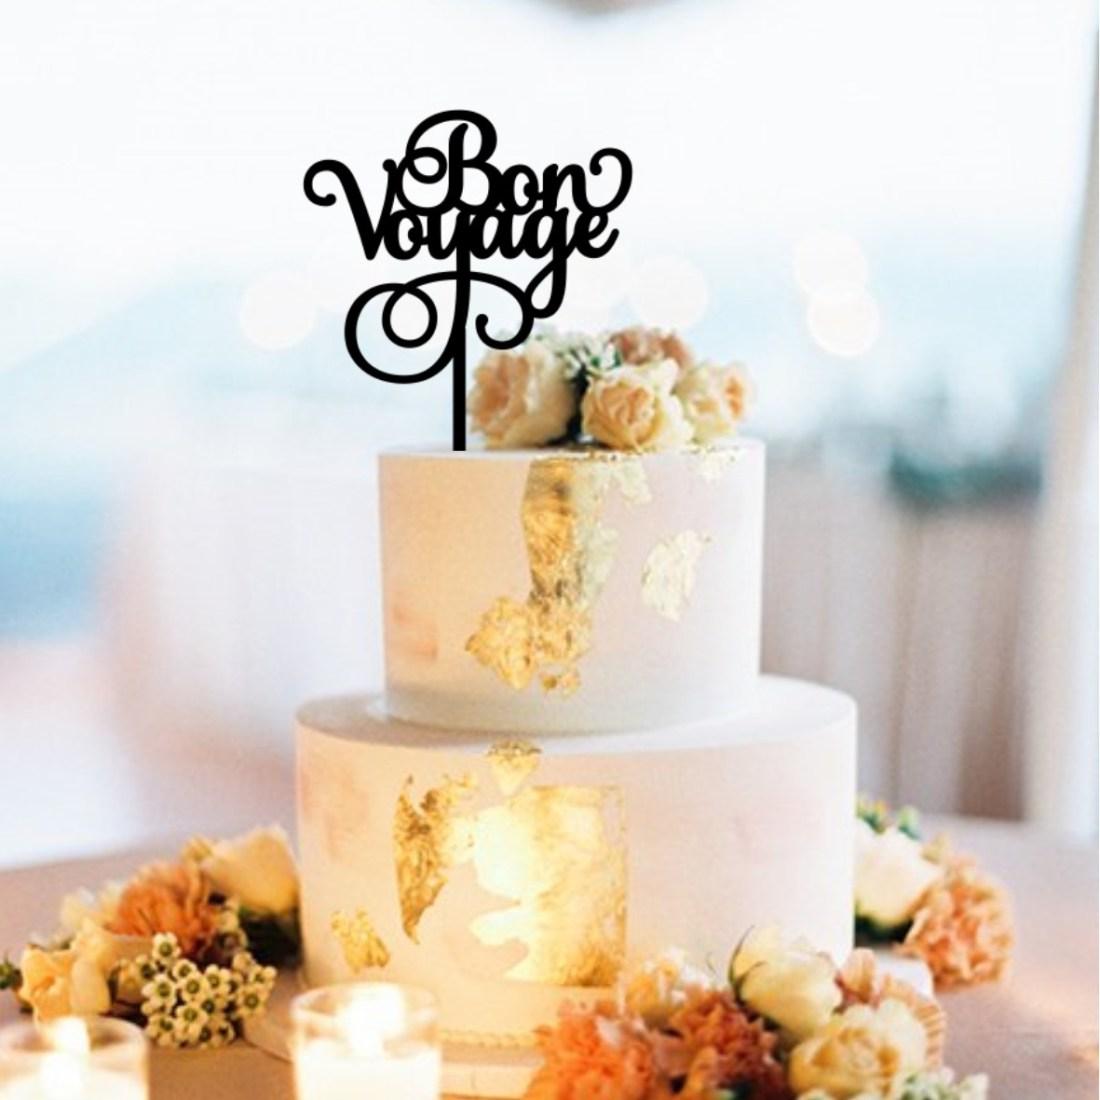 Bon Voyage Cake Topper